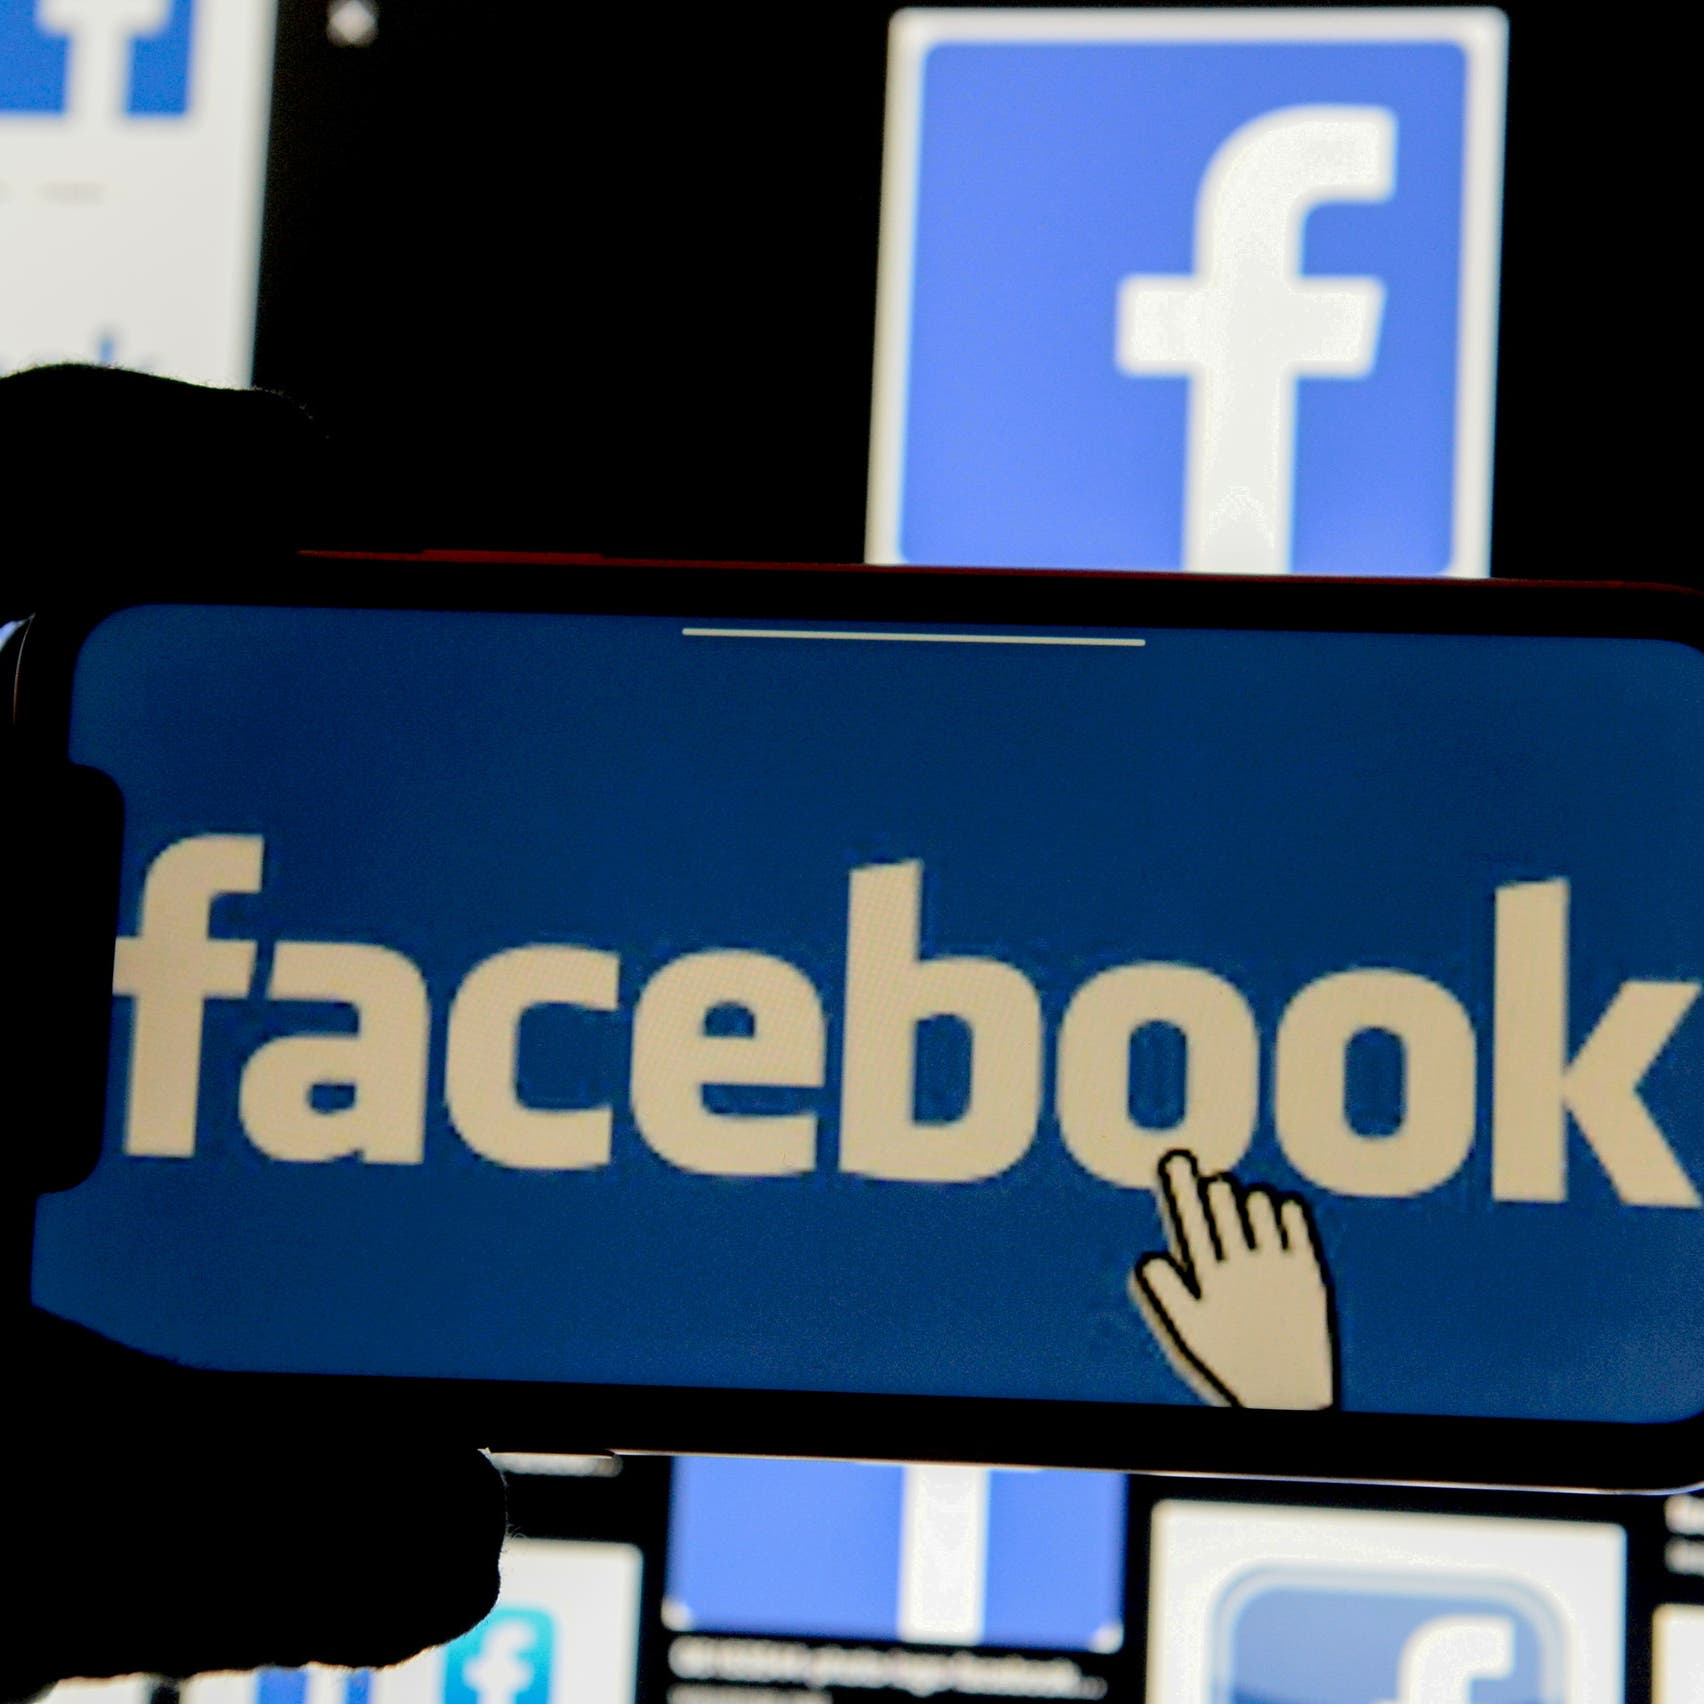 قريباً.. تغيير جذري على ميزة الاتصالات من فيسبوك